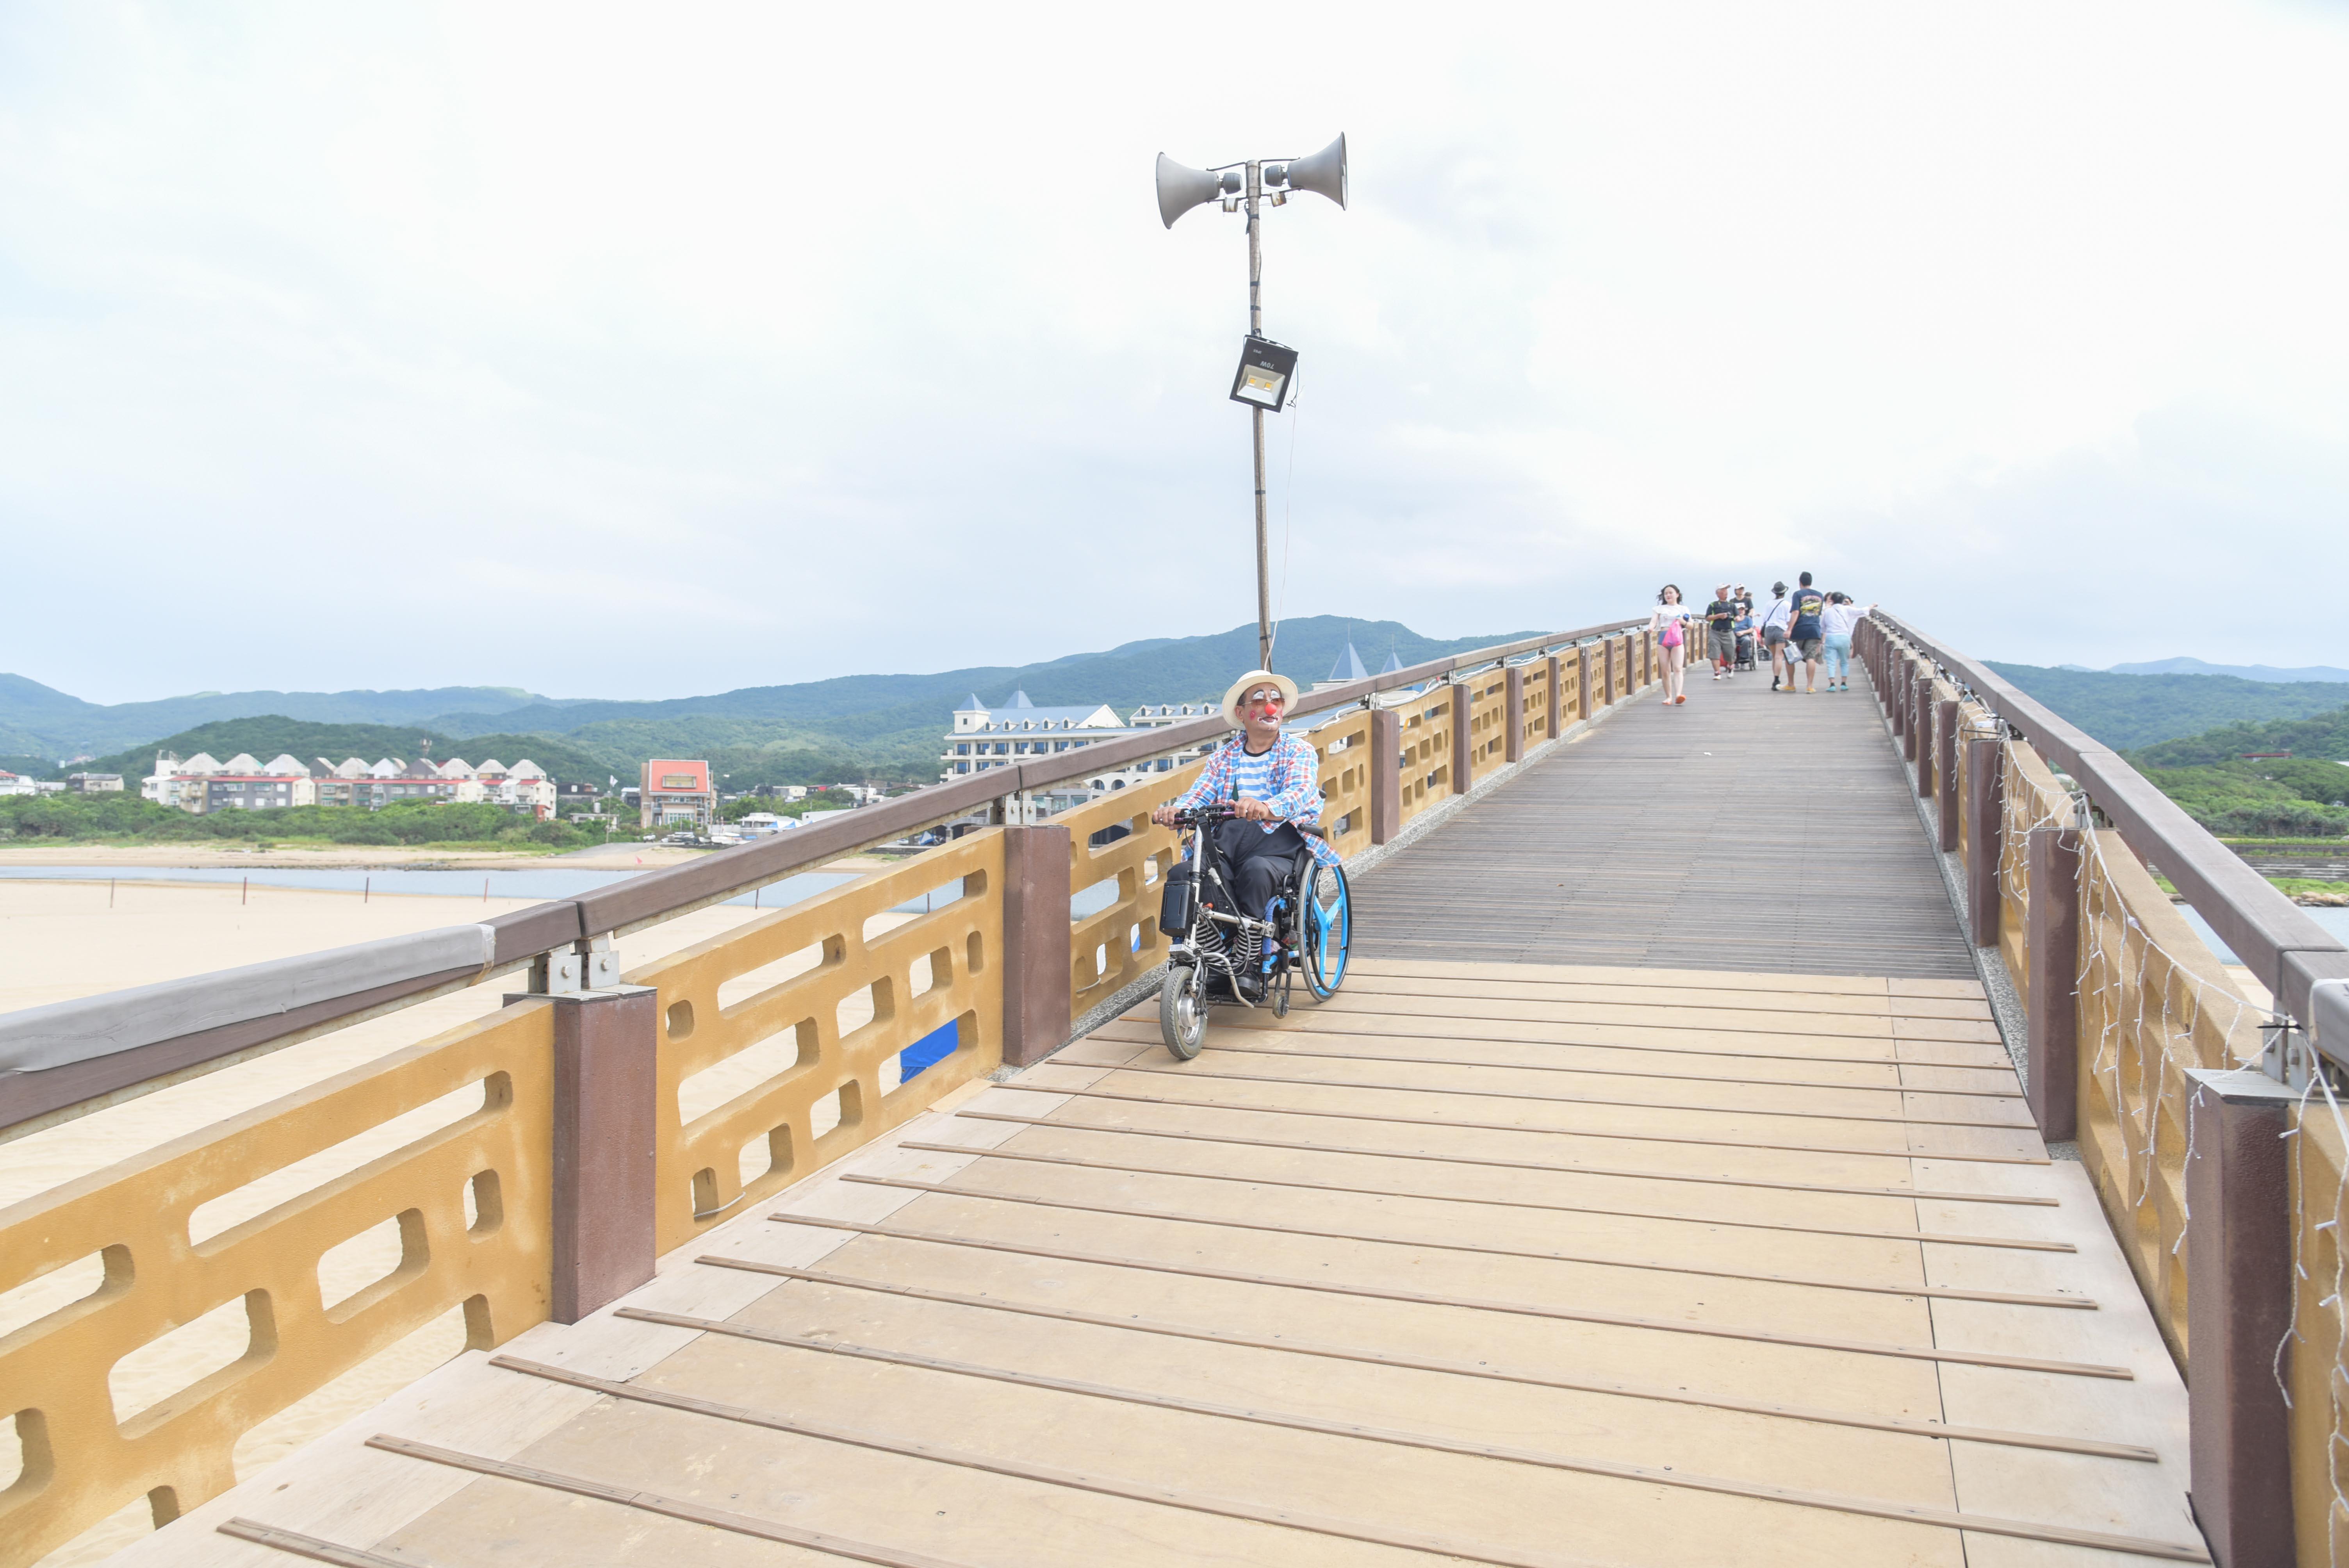 アーチ橋のバリアフリーの通路